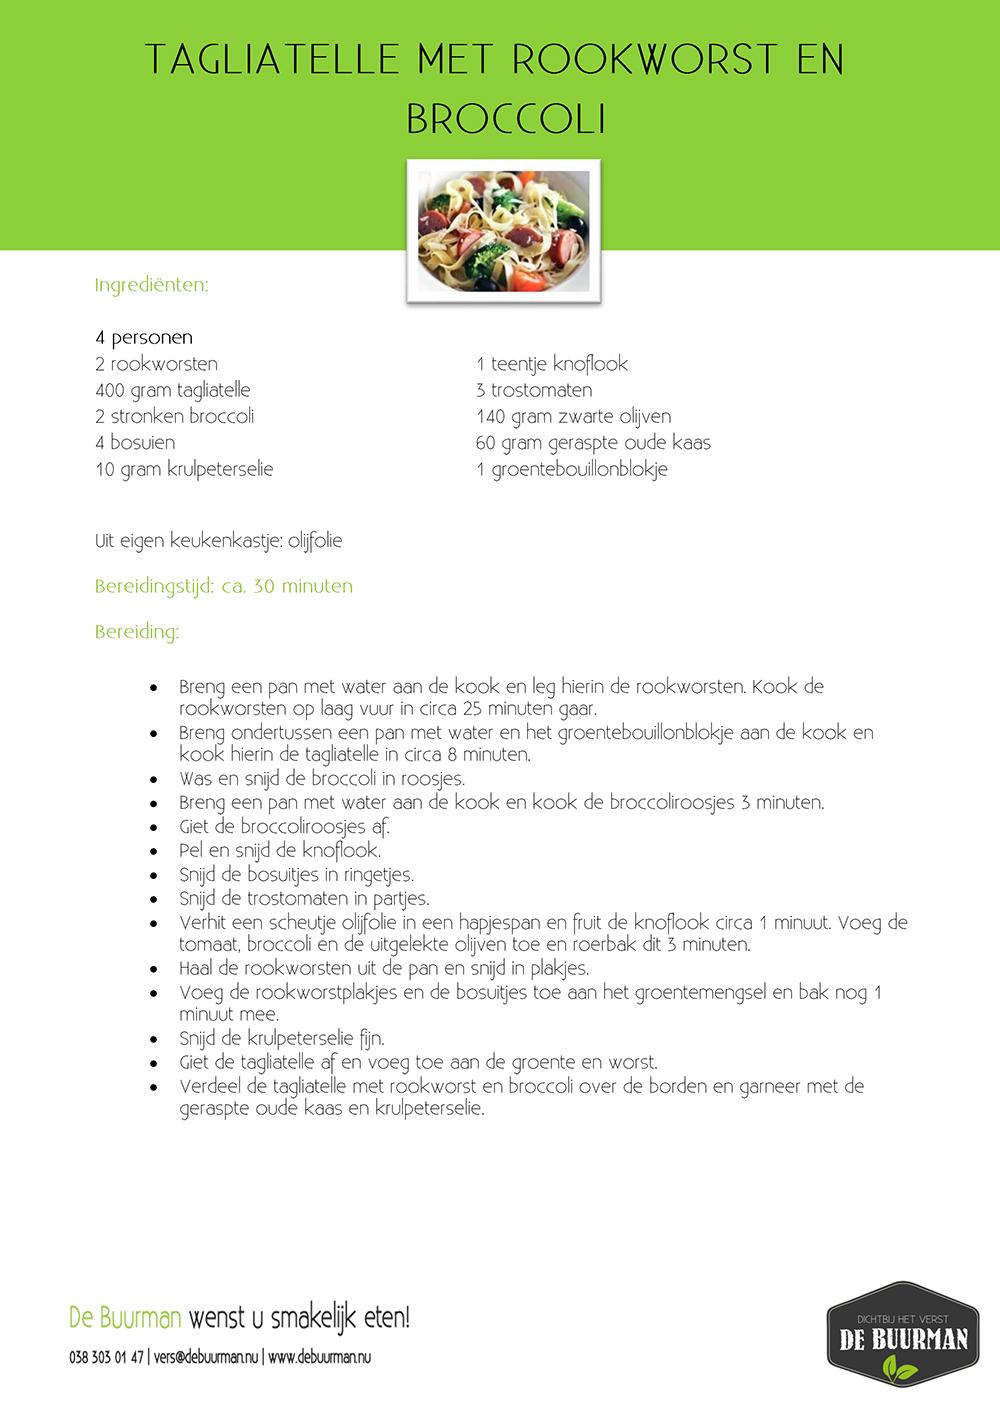 week 21 recept 2 - openen als pdf